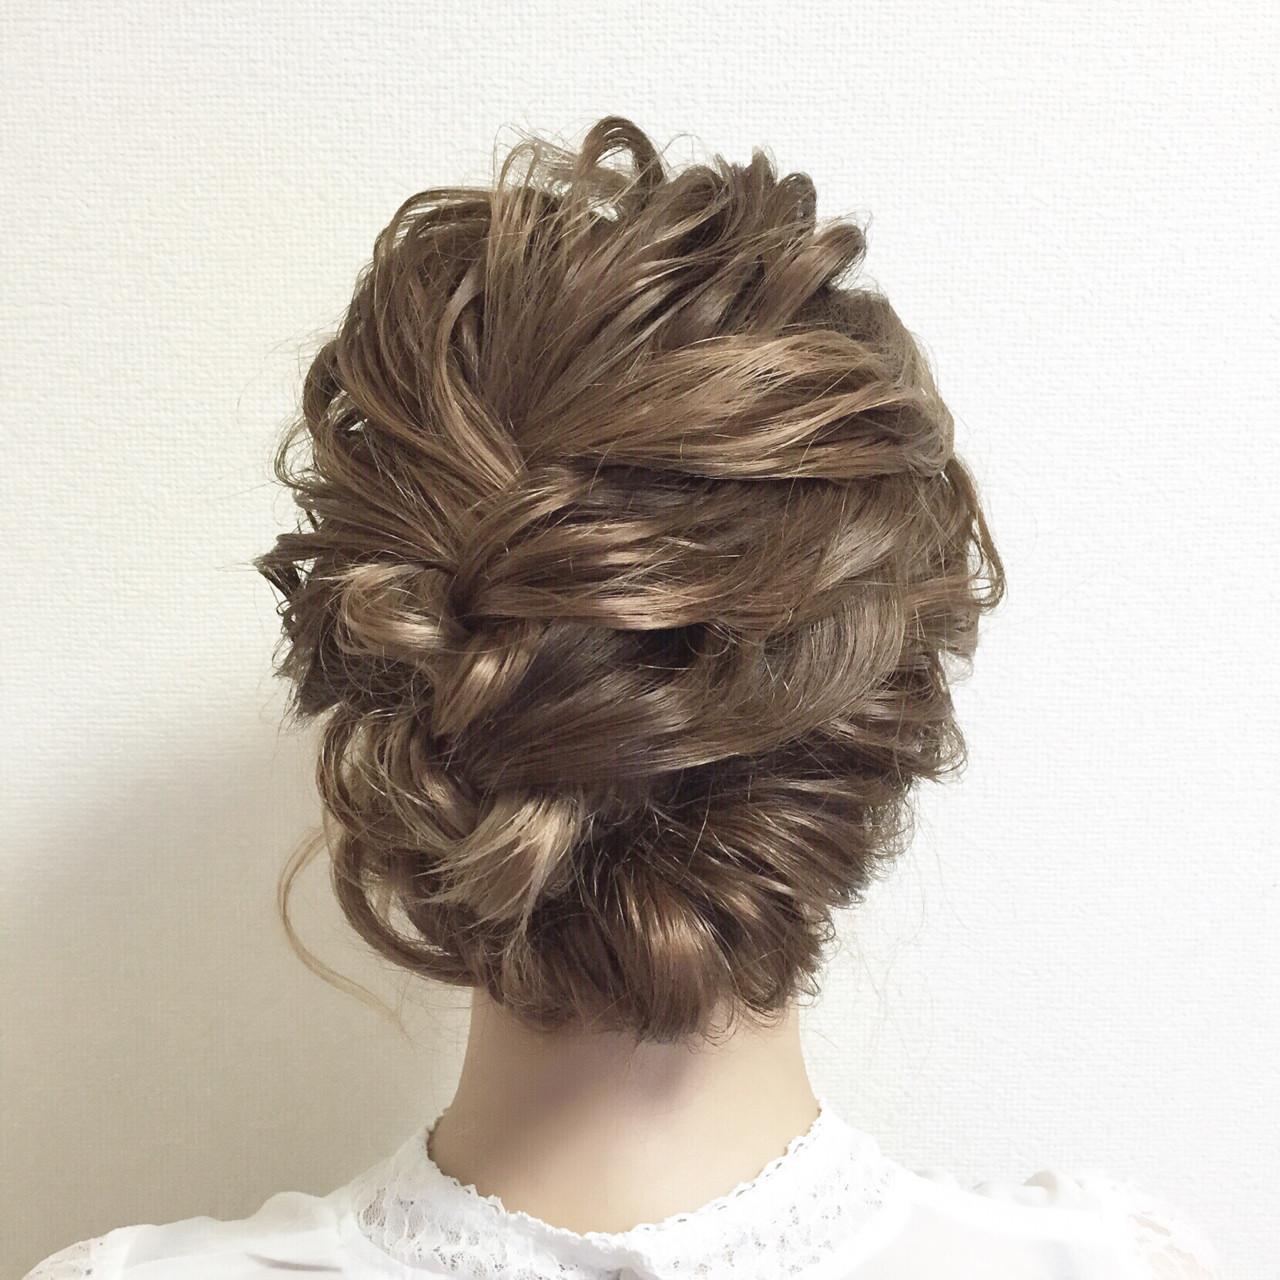 《花嫁アレンジ特集》結婚式の主役はあなた♡ステキな髪型を選ぼう!の8枚目の画像